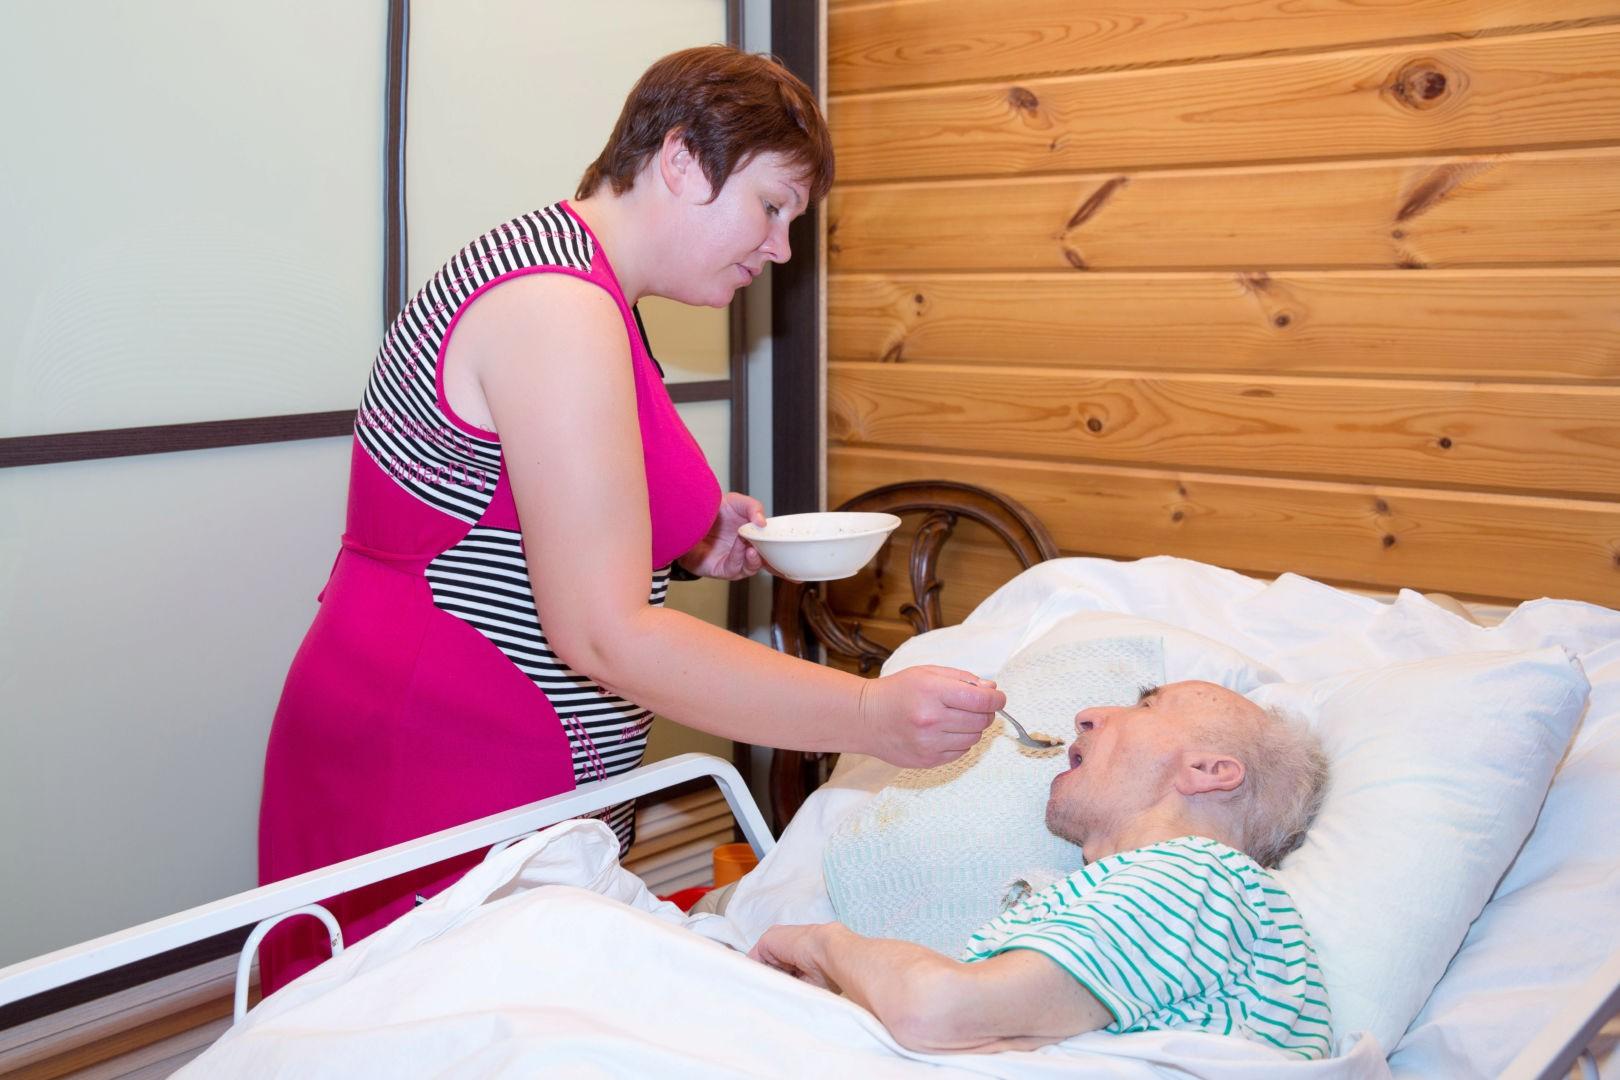 Частный дом престарелых в Москве, сеть частных пансионатов для пожилых людей и инвалидов